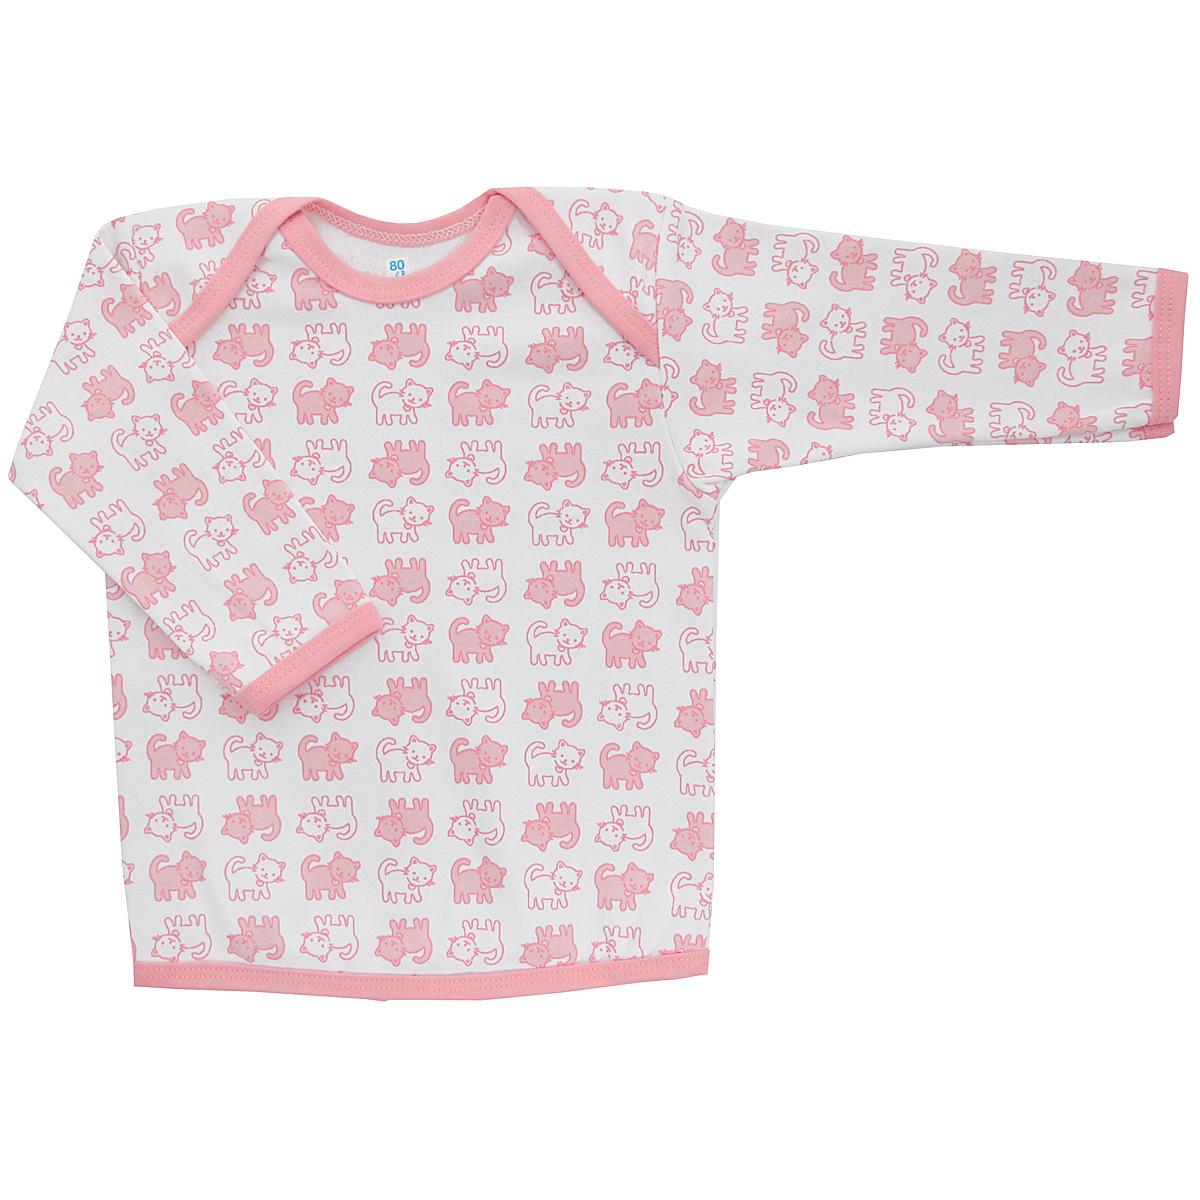 Футболка с длинным рукавом детская Трон-плюс, цвет: белый, розовый. 5611_котенок. Размер 86, 18 месяцев5611_котенокУдобная детская футболка Трон-плюс с длинными рукавами послужит идеальным дополнением к гардеробу вашего ребенка, обеспечивая ему наибольший комфорт. Изготовленная из интерлока - натурального хлопка, она необычайно мягкая и легкая, не раздражает нежную кожу ребенка и хорошо вентилируется, а эластичные швы приятны телу ребенка и не препятствуют его движениям. Удобные запахи на плечах помогают легко переодеть младенца. Горловина, низ модели и низ рукавов дополнены трикотажной бейкой. Спинка модели незначительно укорочена. Оформлено изделие принтом с изображениями котенка. Футболка полностью соответствует особенностям жизни ребенка в ранний период, не стесняя и не ограничивая его в движениях.